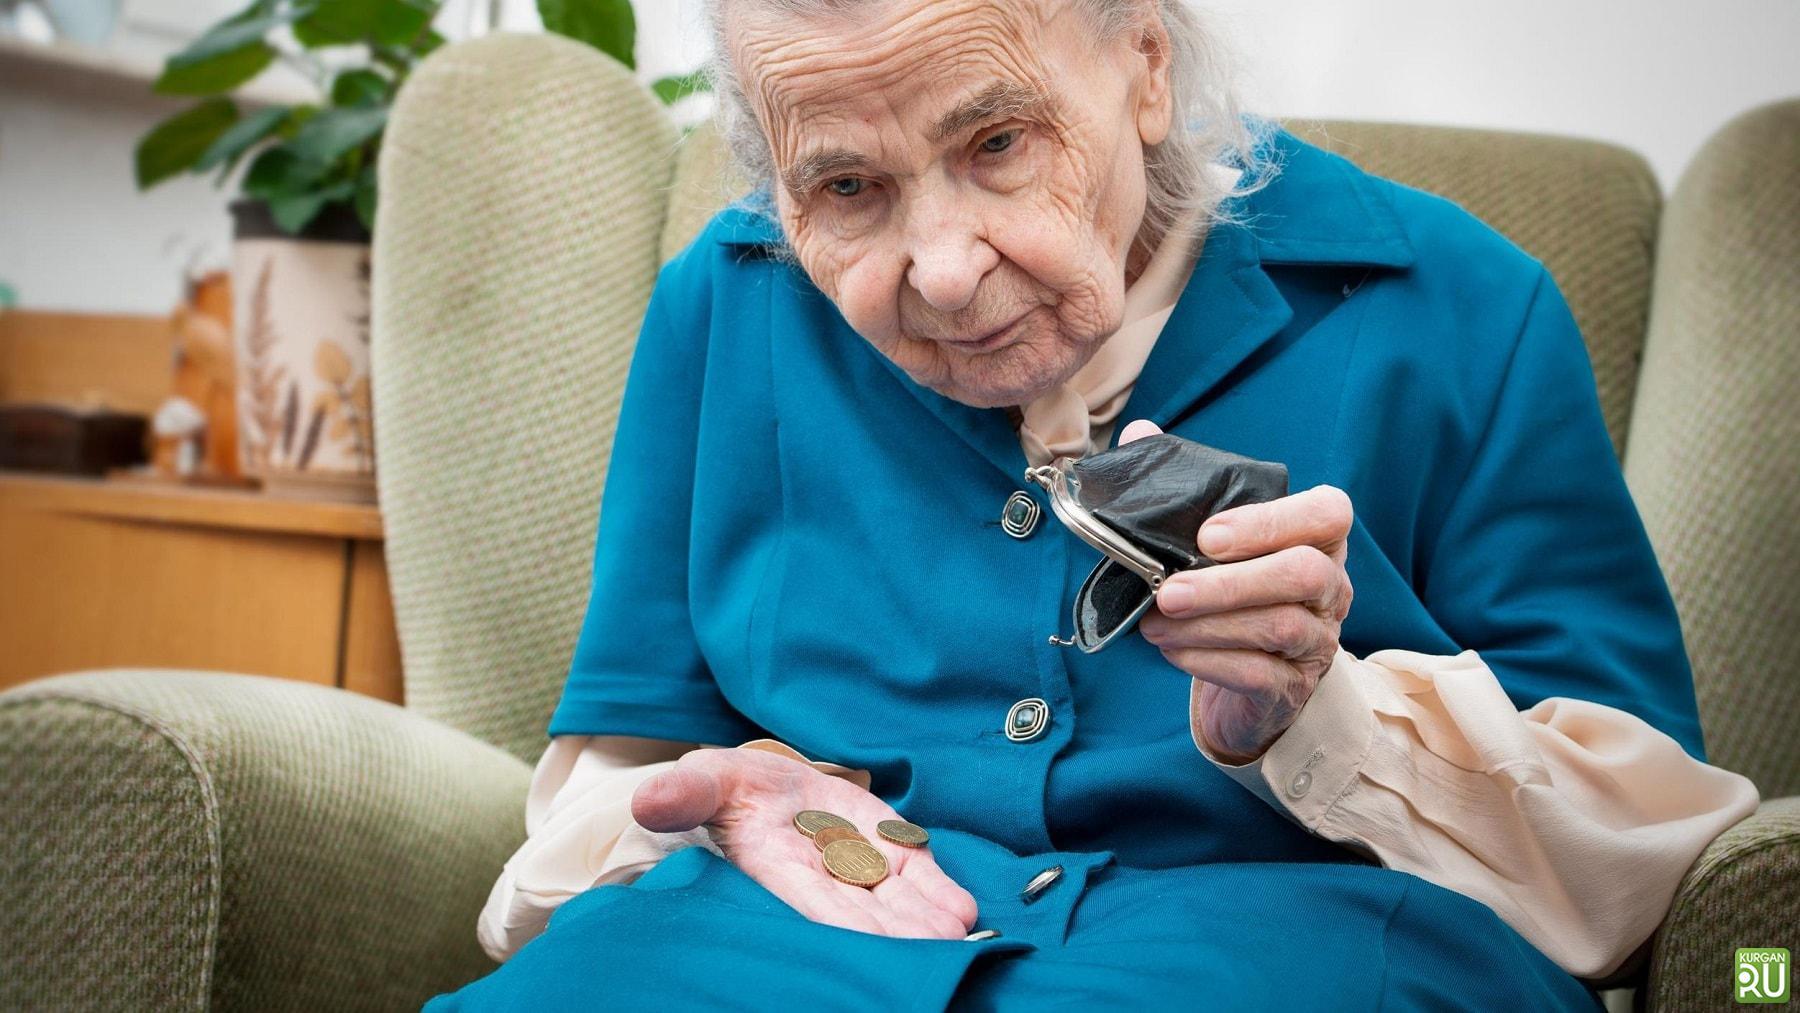 Россиянам старше 80 лет увеличат пенсию общество,пенсия,россияне